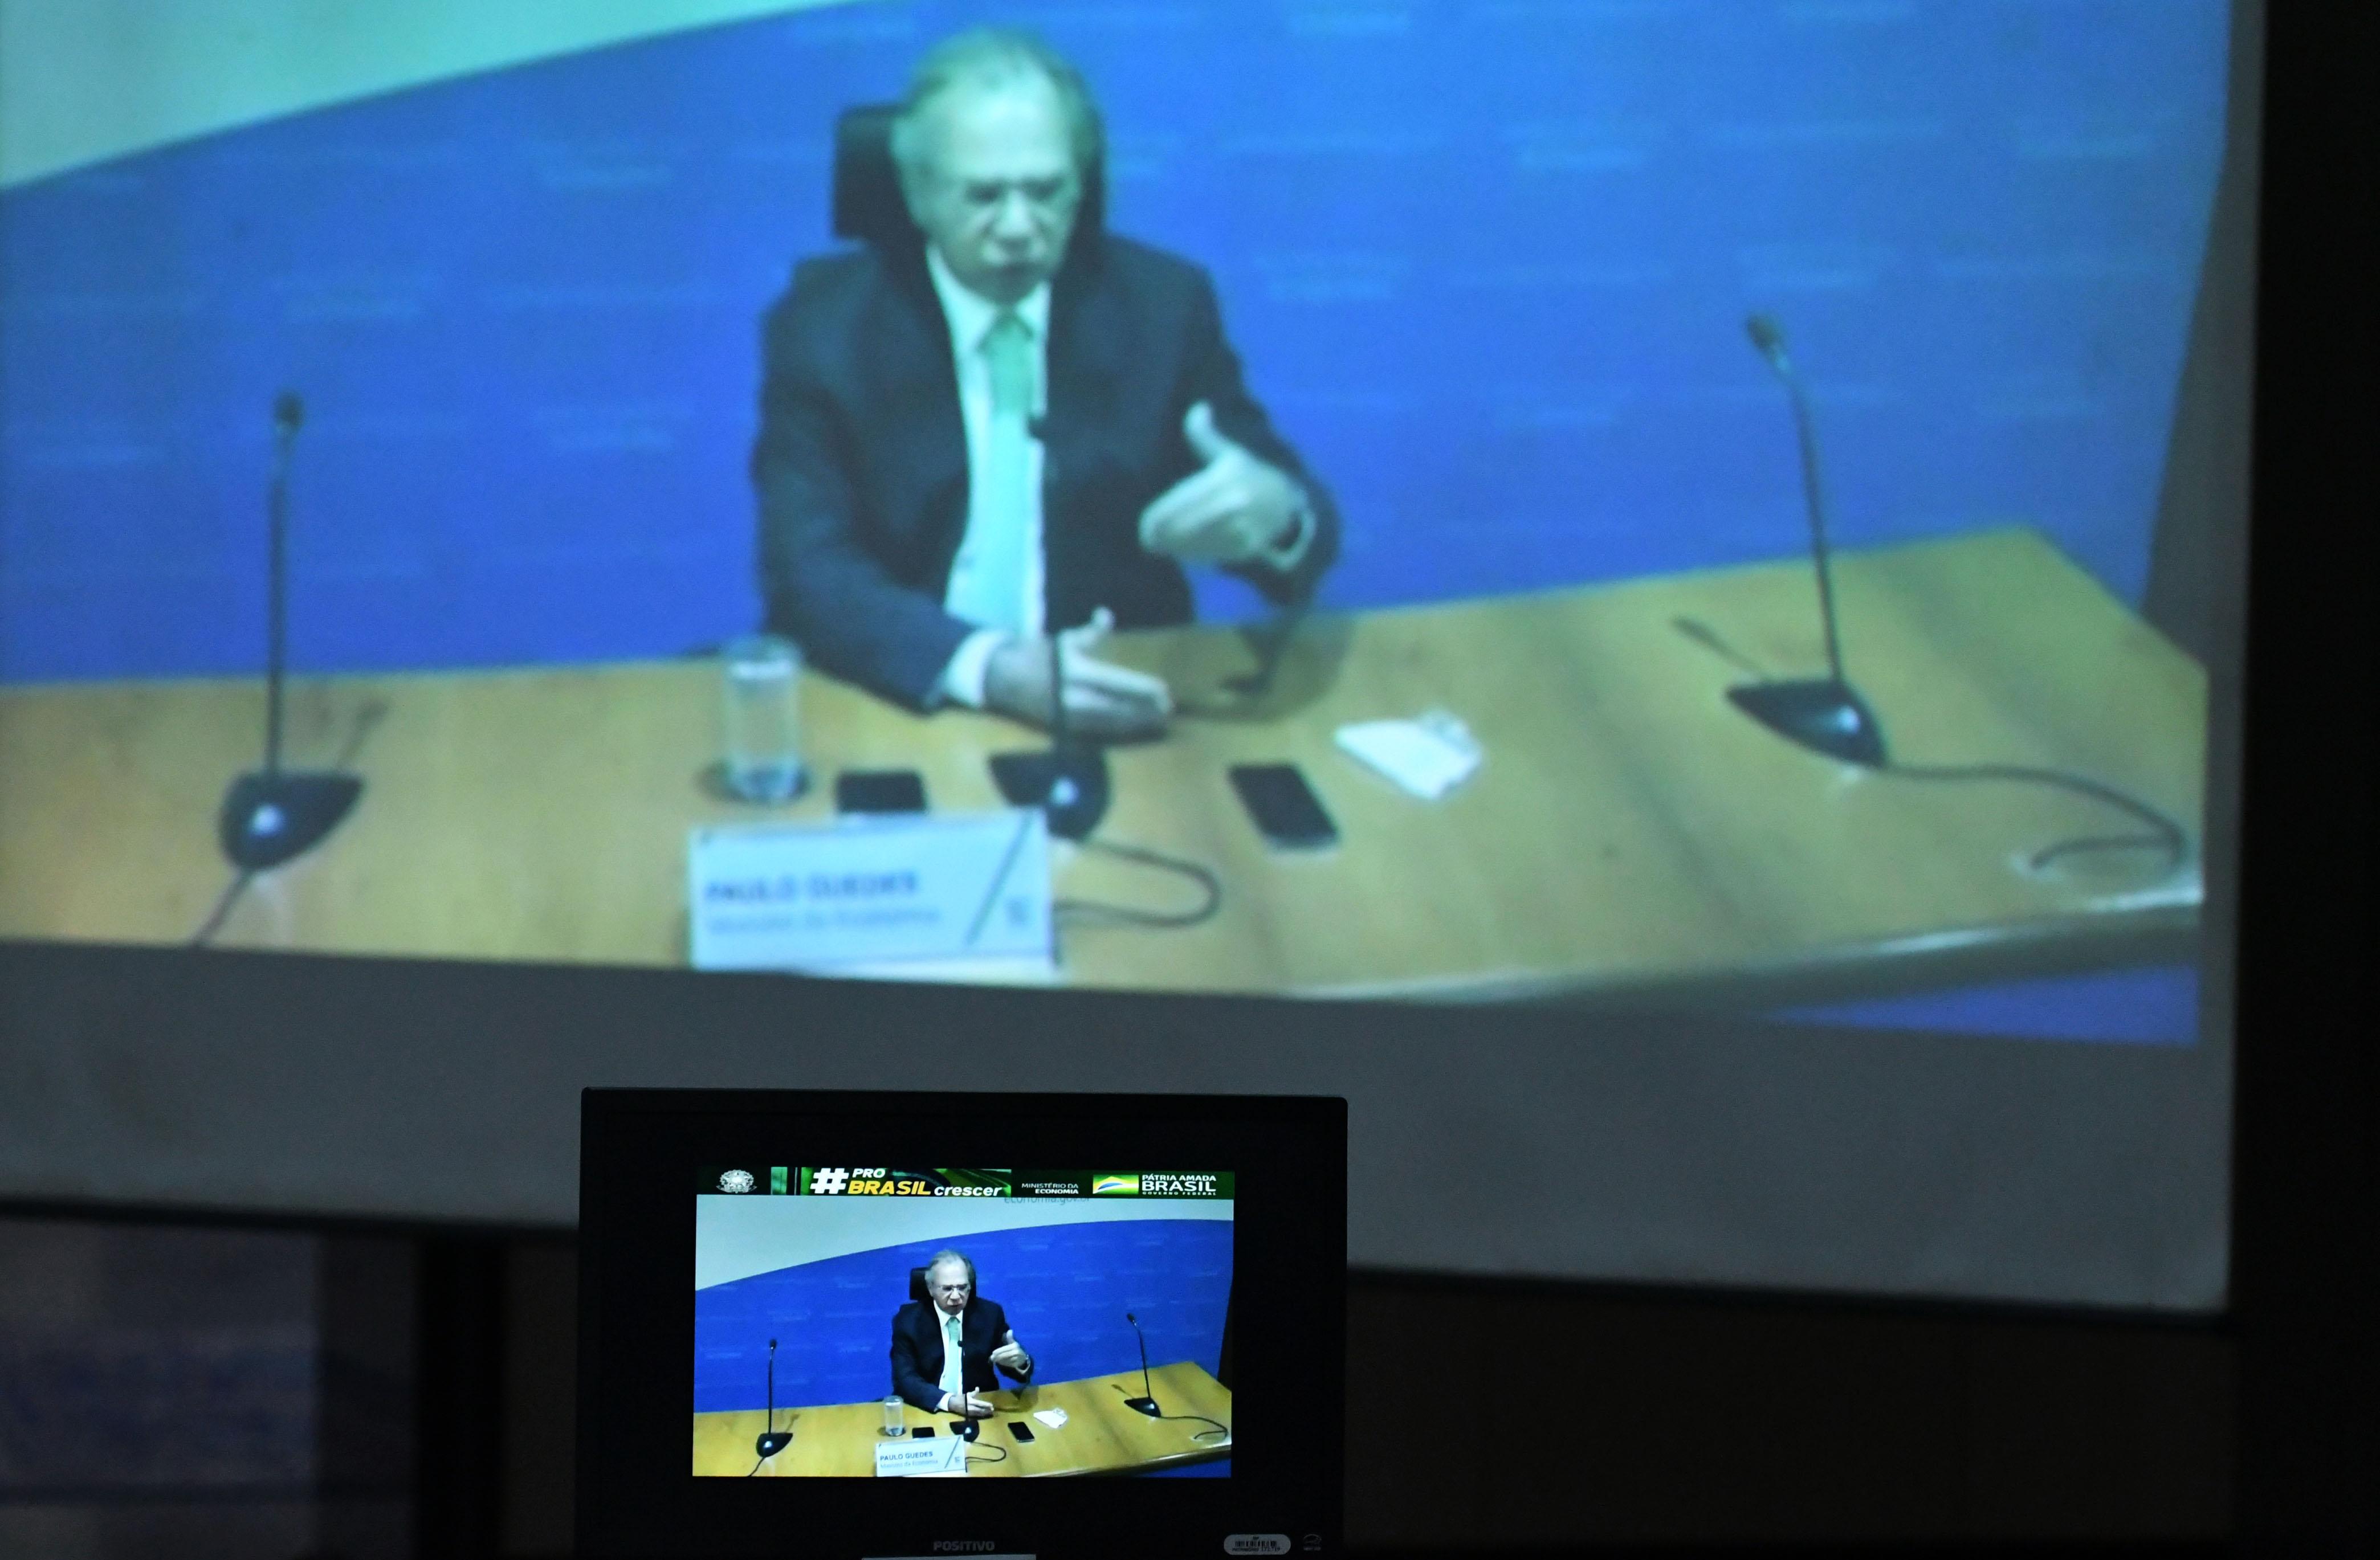 IMAGEM: Hacker invade transmissão de evento com Guedes e expõe pornografia